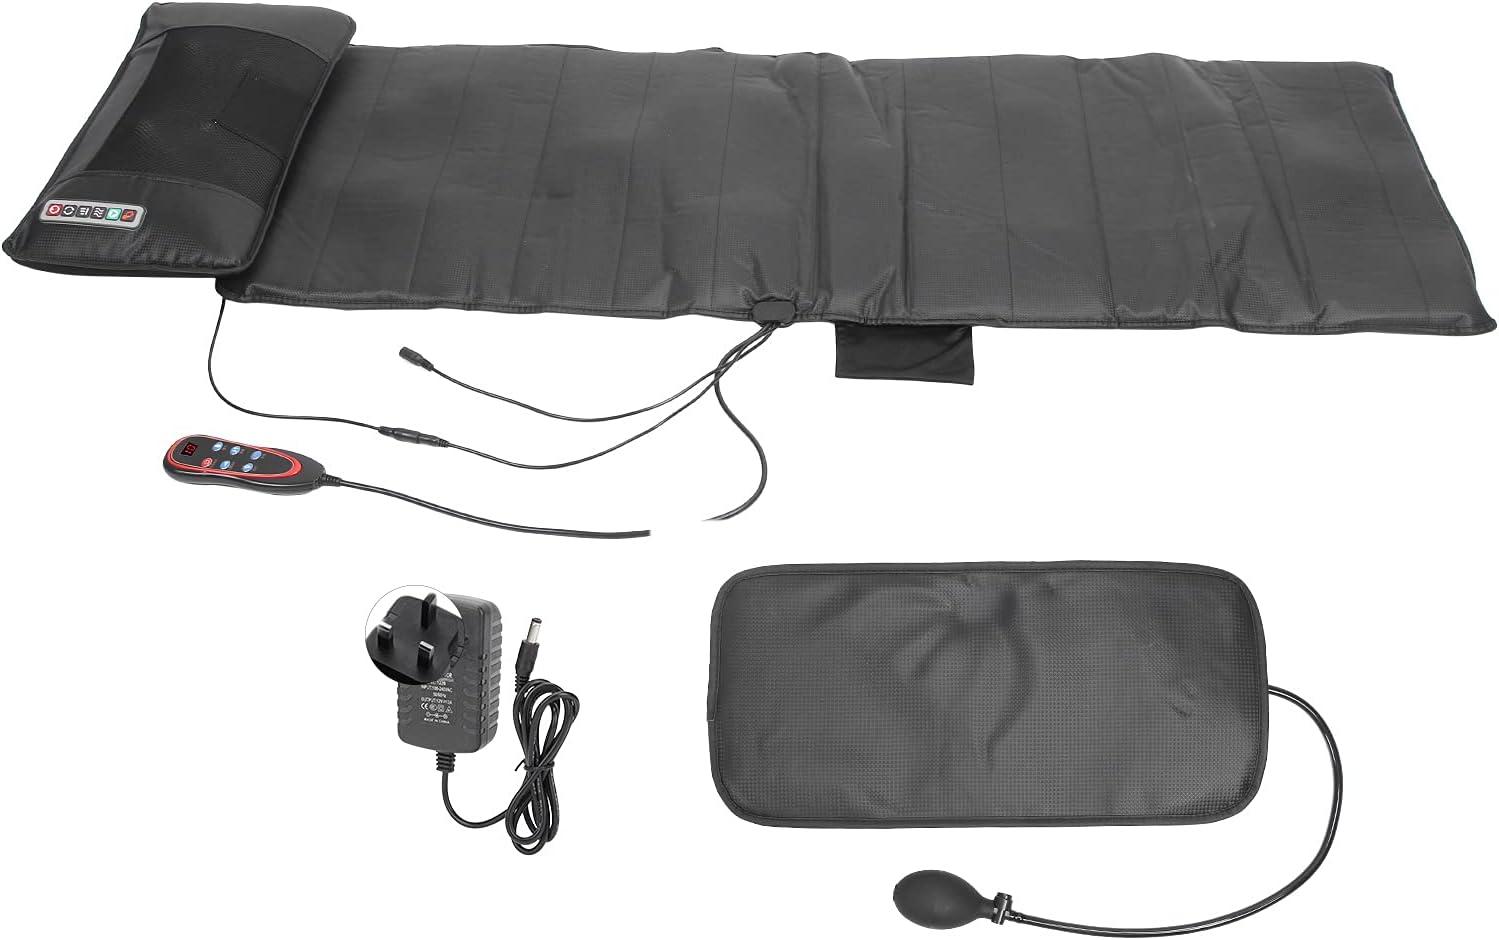 Almohadilla de calefacción y masaje para alivio del dolor de cuello y hombros, 9 engranajes vibrantes, cojín de colchón de masaje para espalda lumbar